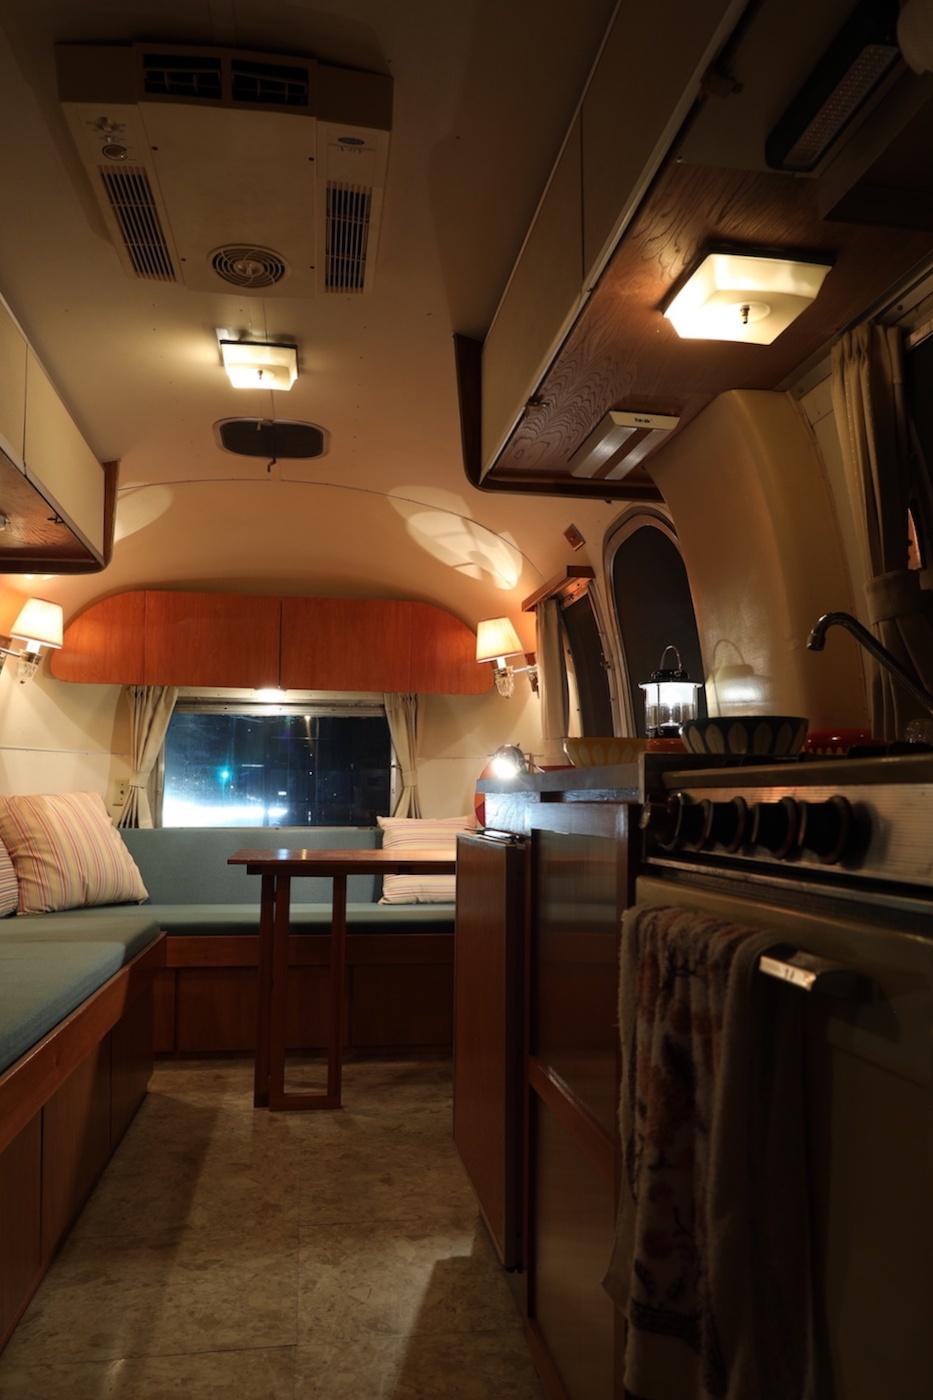 Airstream エアストリーム_d0081605_23495988.jpg